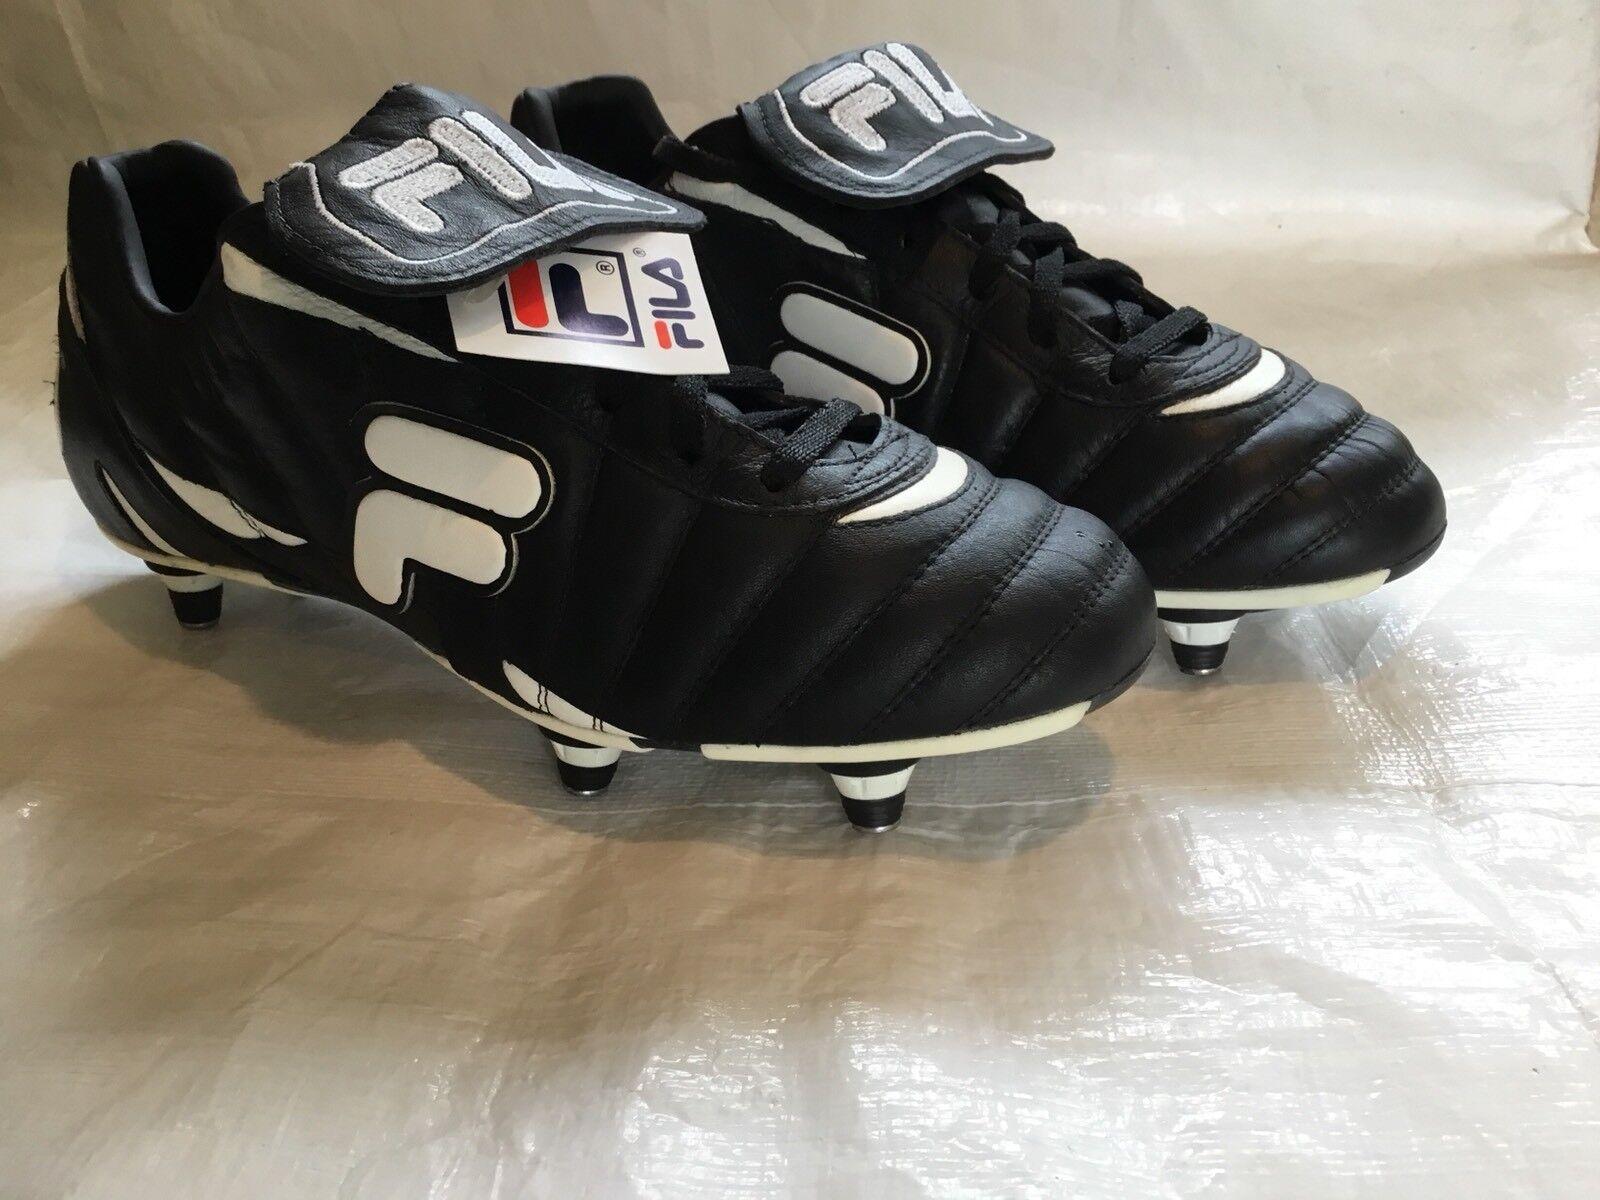 New Boxed Größe Leder 8UK Vintage Leder Größe FILA Football Stiefel Made In  249c30